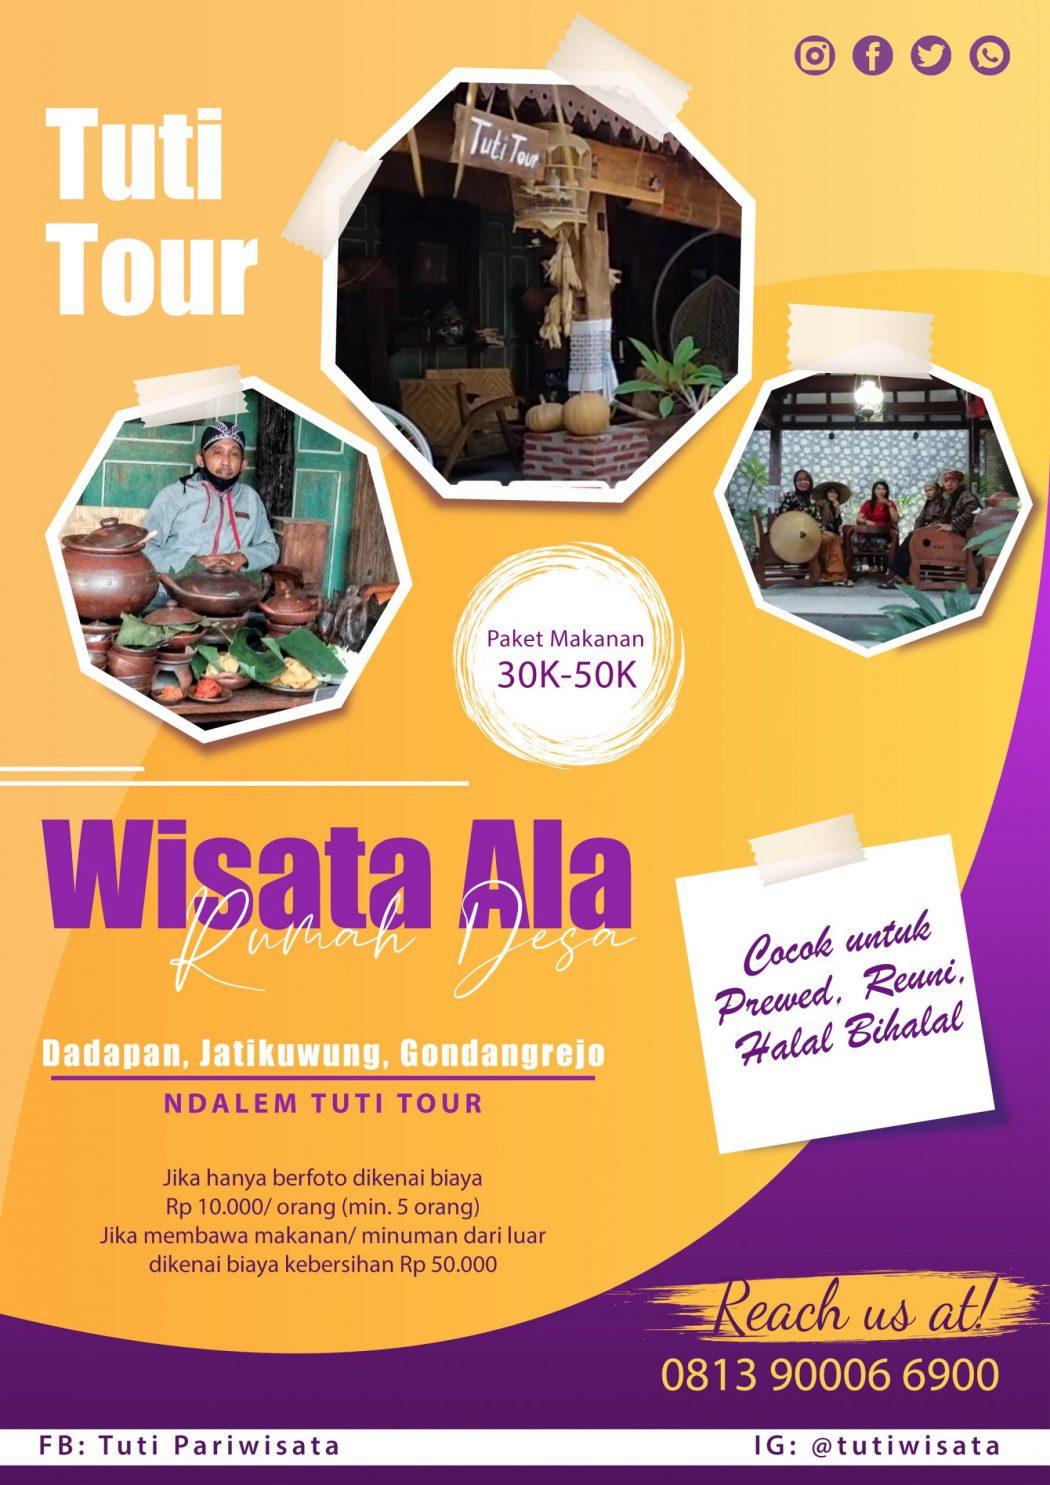 Tuti Tour